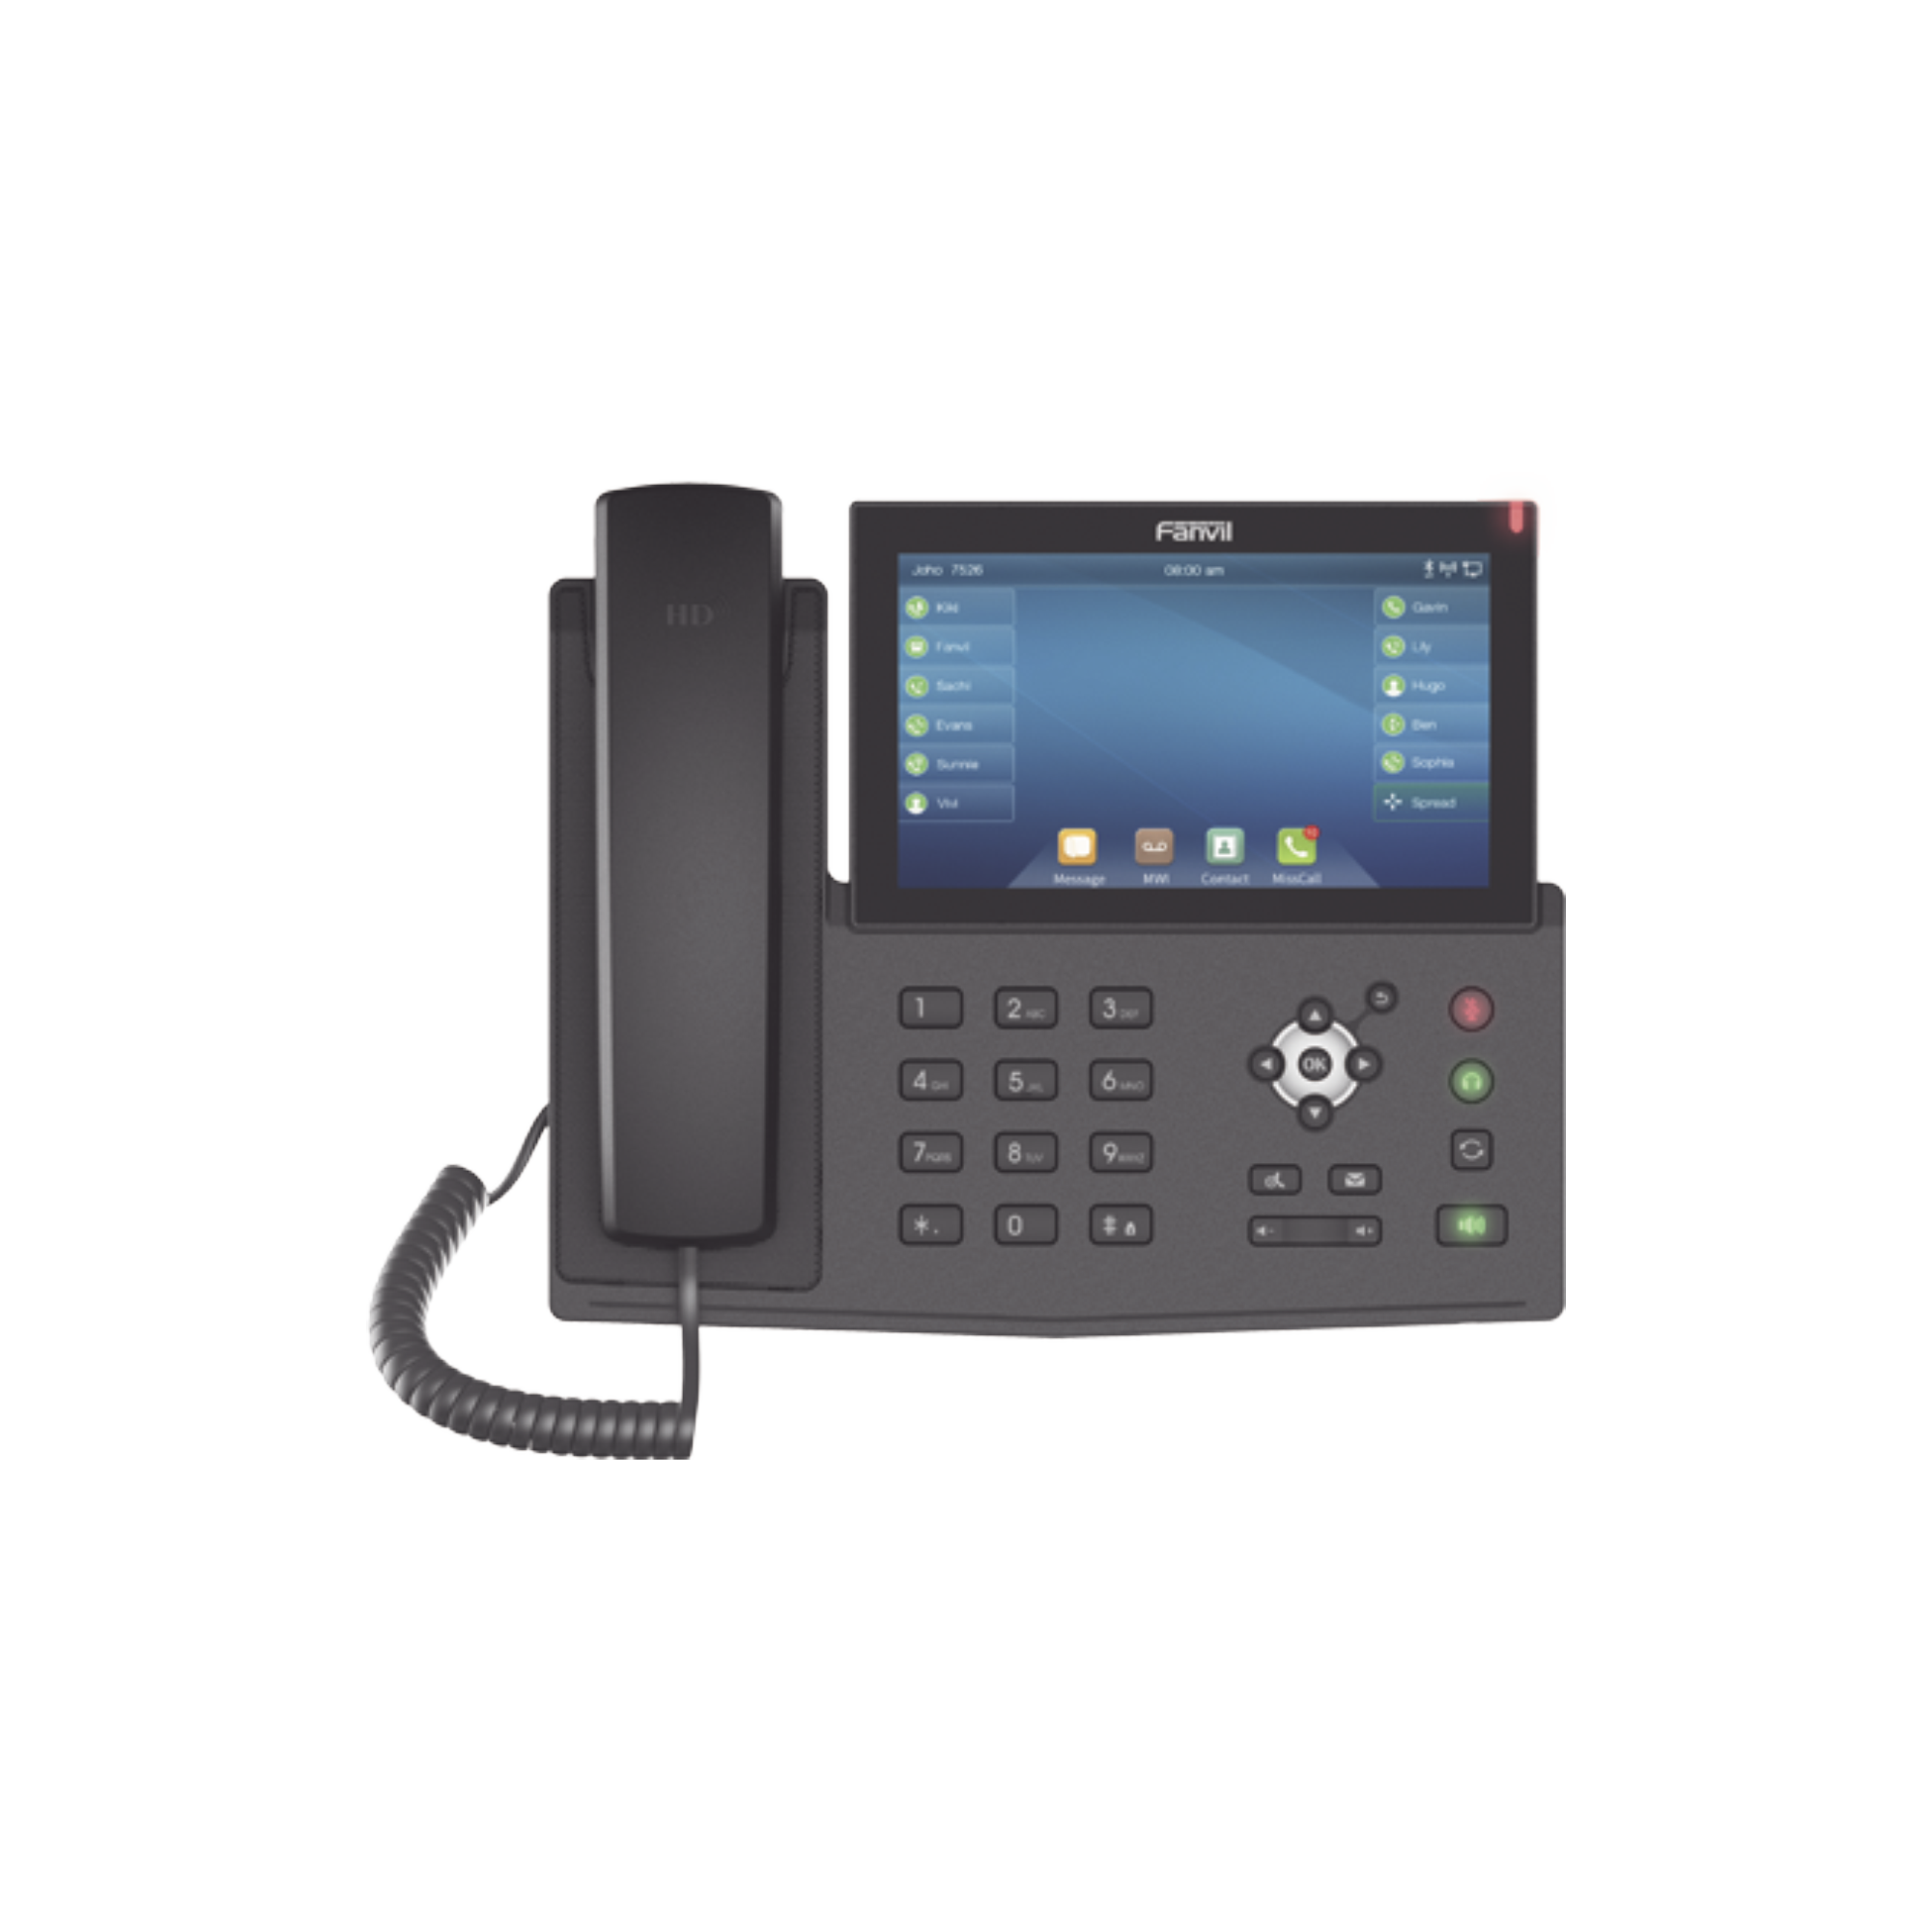 Teléfono IP empresarial para 20 lineas SIP, pantalla táctil, Bluetooth integrado para diadema, PoE y hasta 127 botones DSS con doble puerto Gigabit, soporta recepción de video